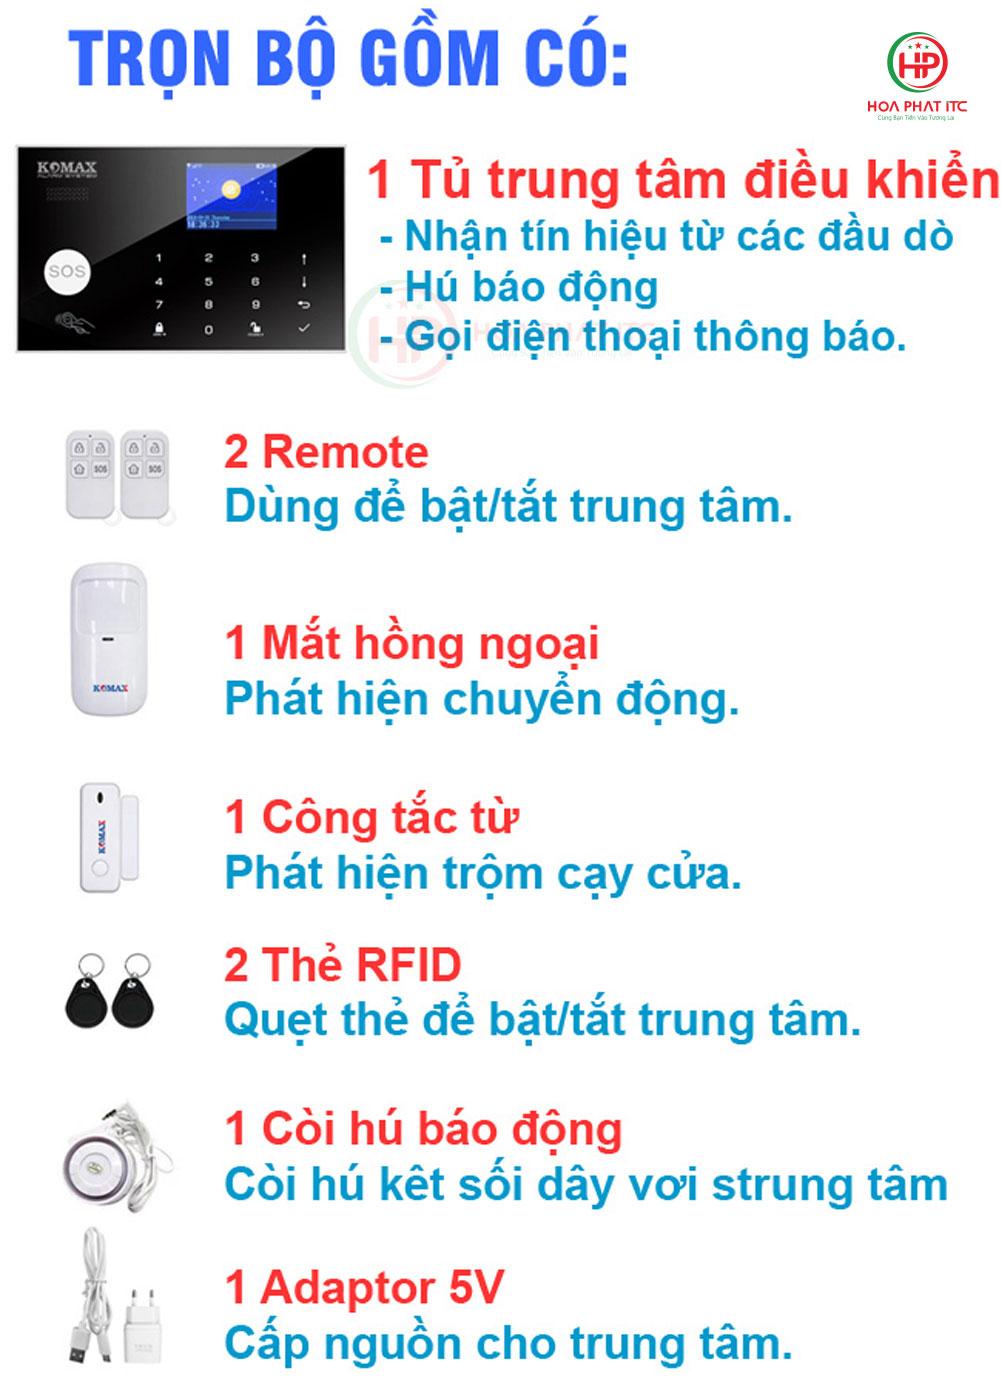 bo san pham chong trom trung tam km g30 day du - Bộ chống trộm trung tâm dùng sim và wifi Komax KM-G30